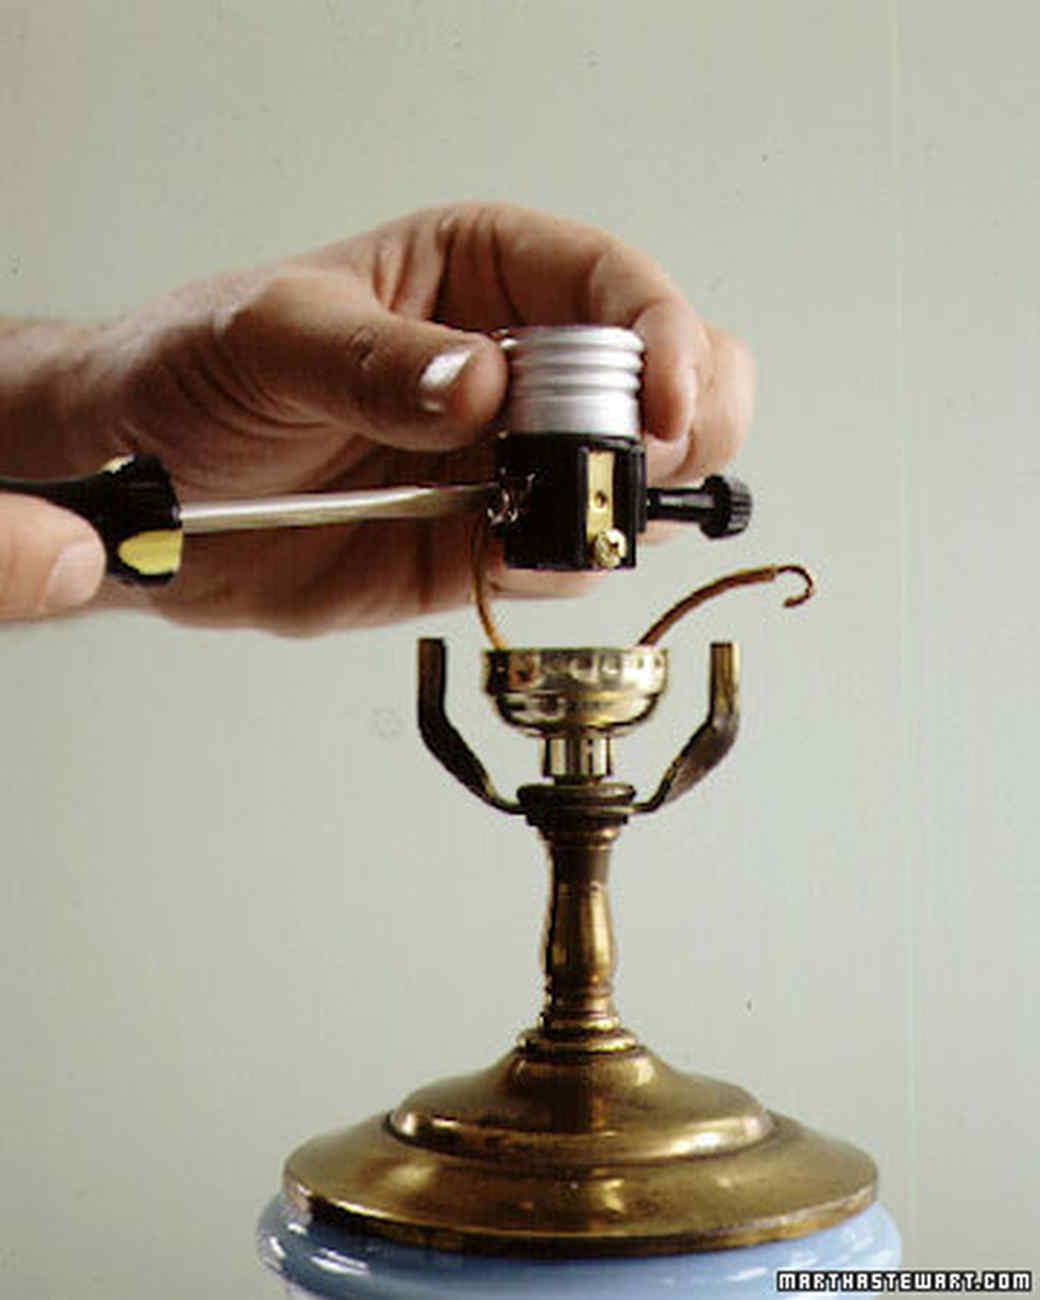 rewiring a lamp martha stewart rh marthastewart com rewiring a lamp with two lights rewiring a lamp instructions